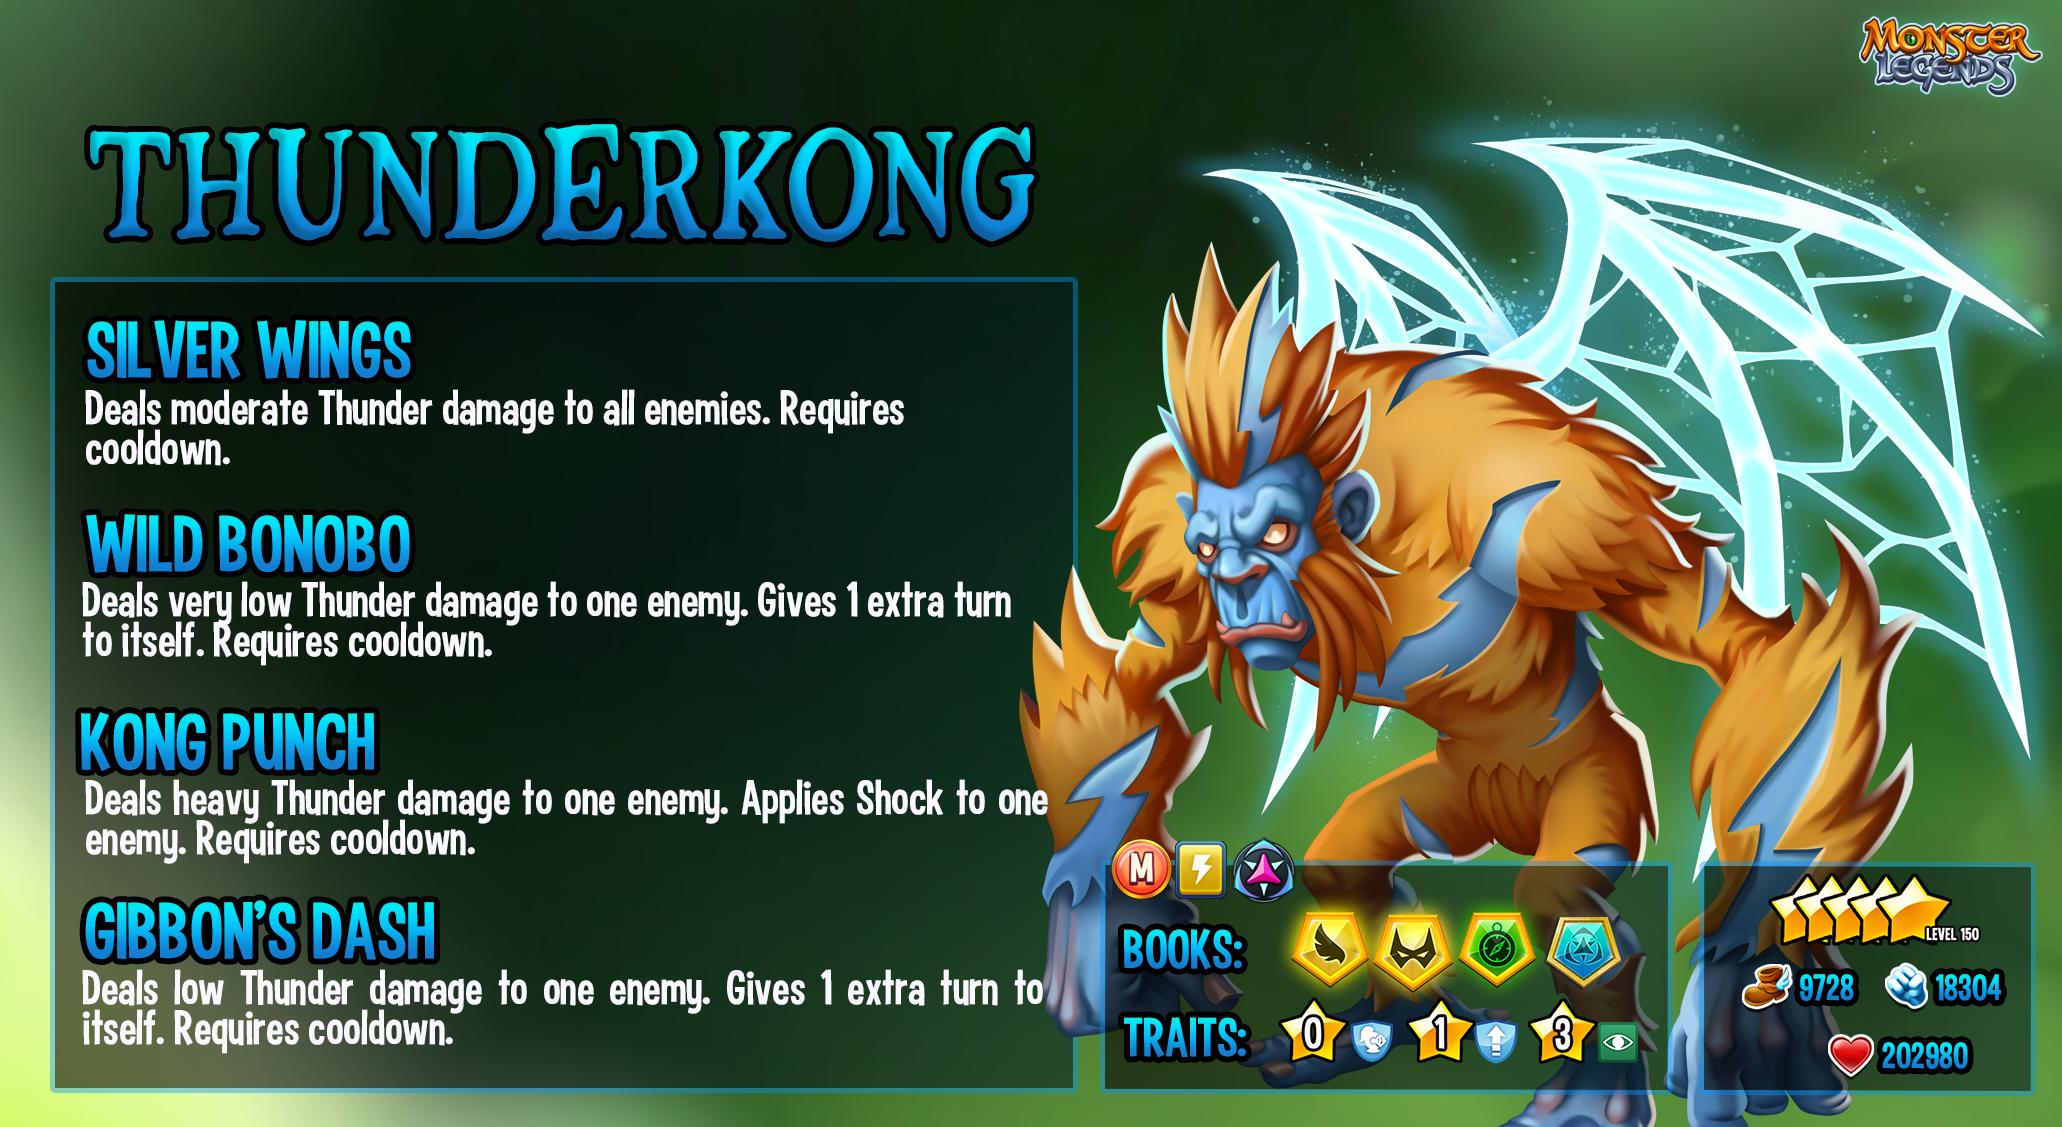 0_1596114918252_Thunderkong.png